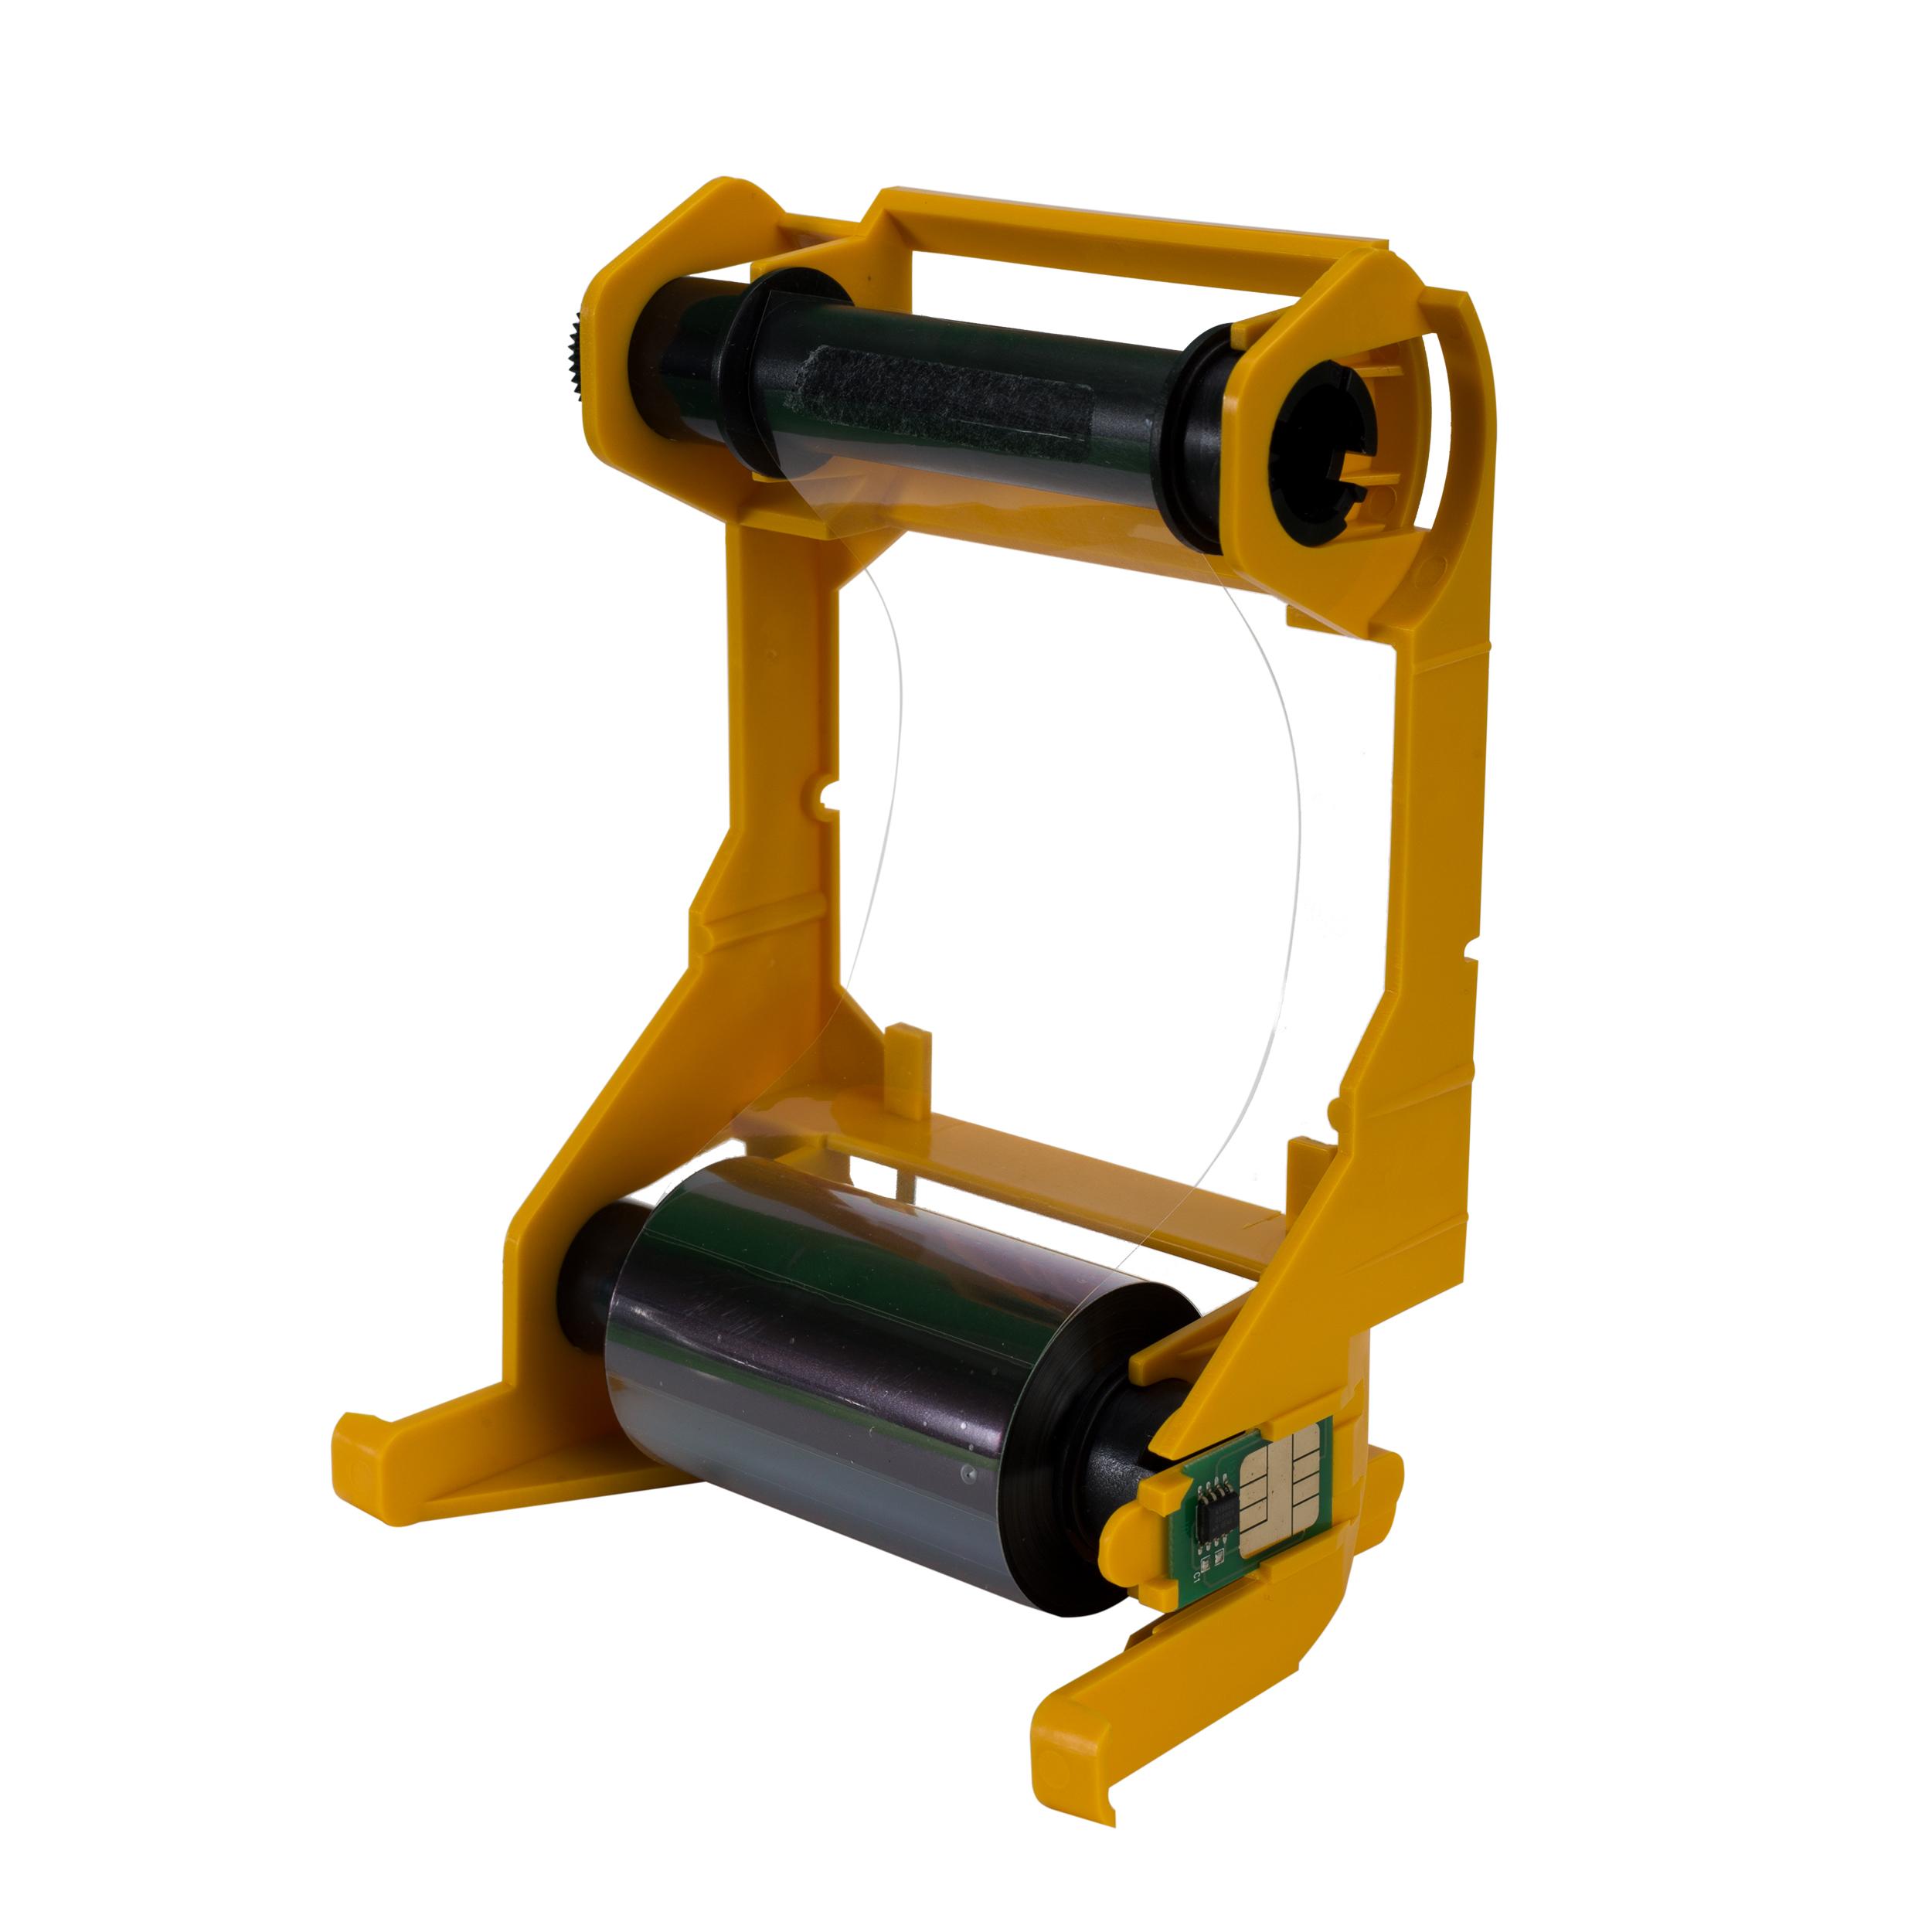 Кольорова стрічка сумісна з принтером Zebra 800033-840 YMCKO Compatible ribbon